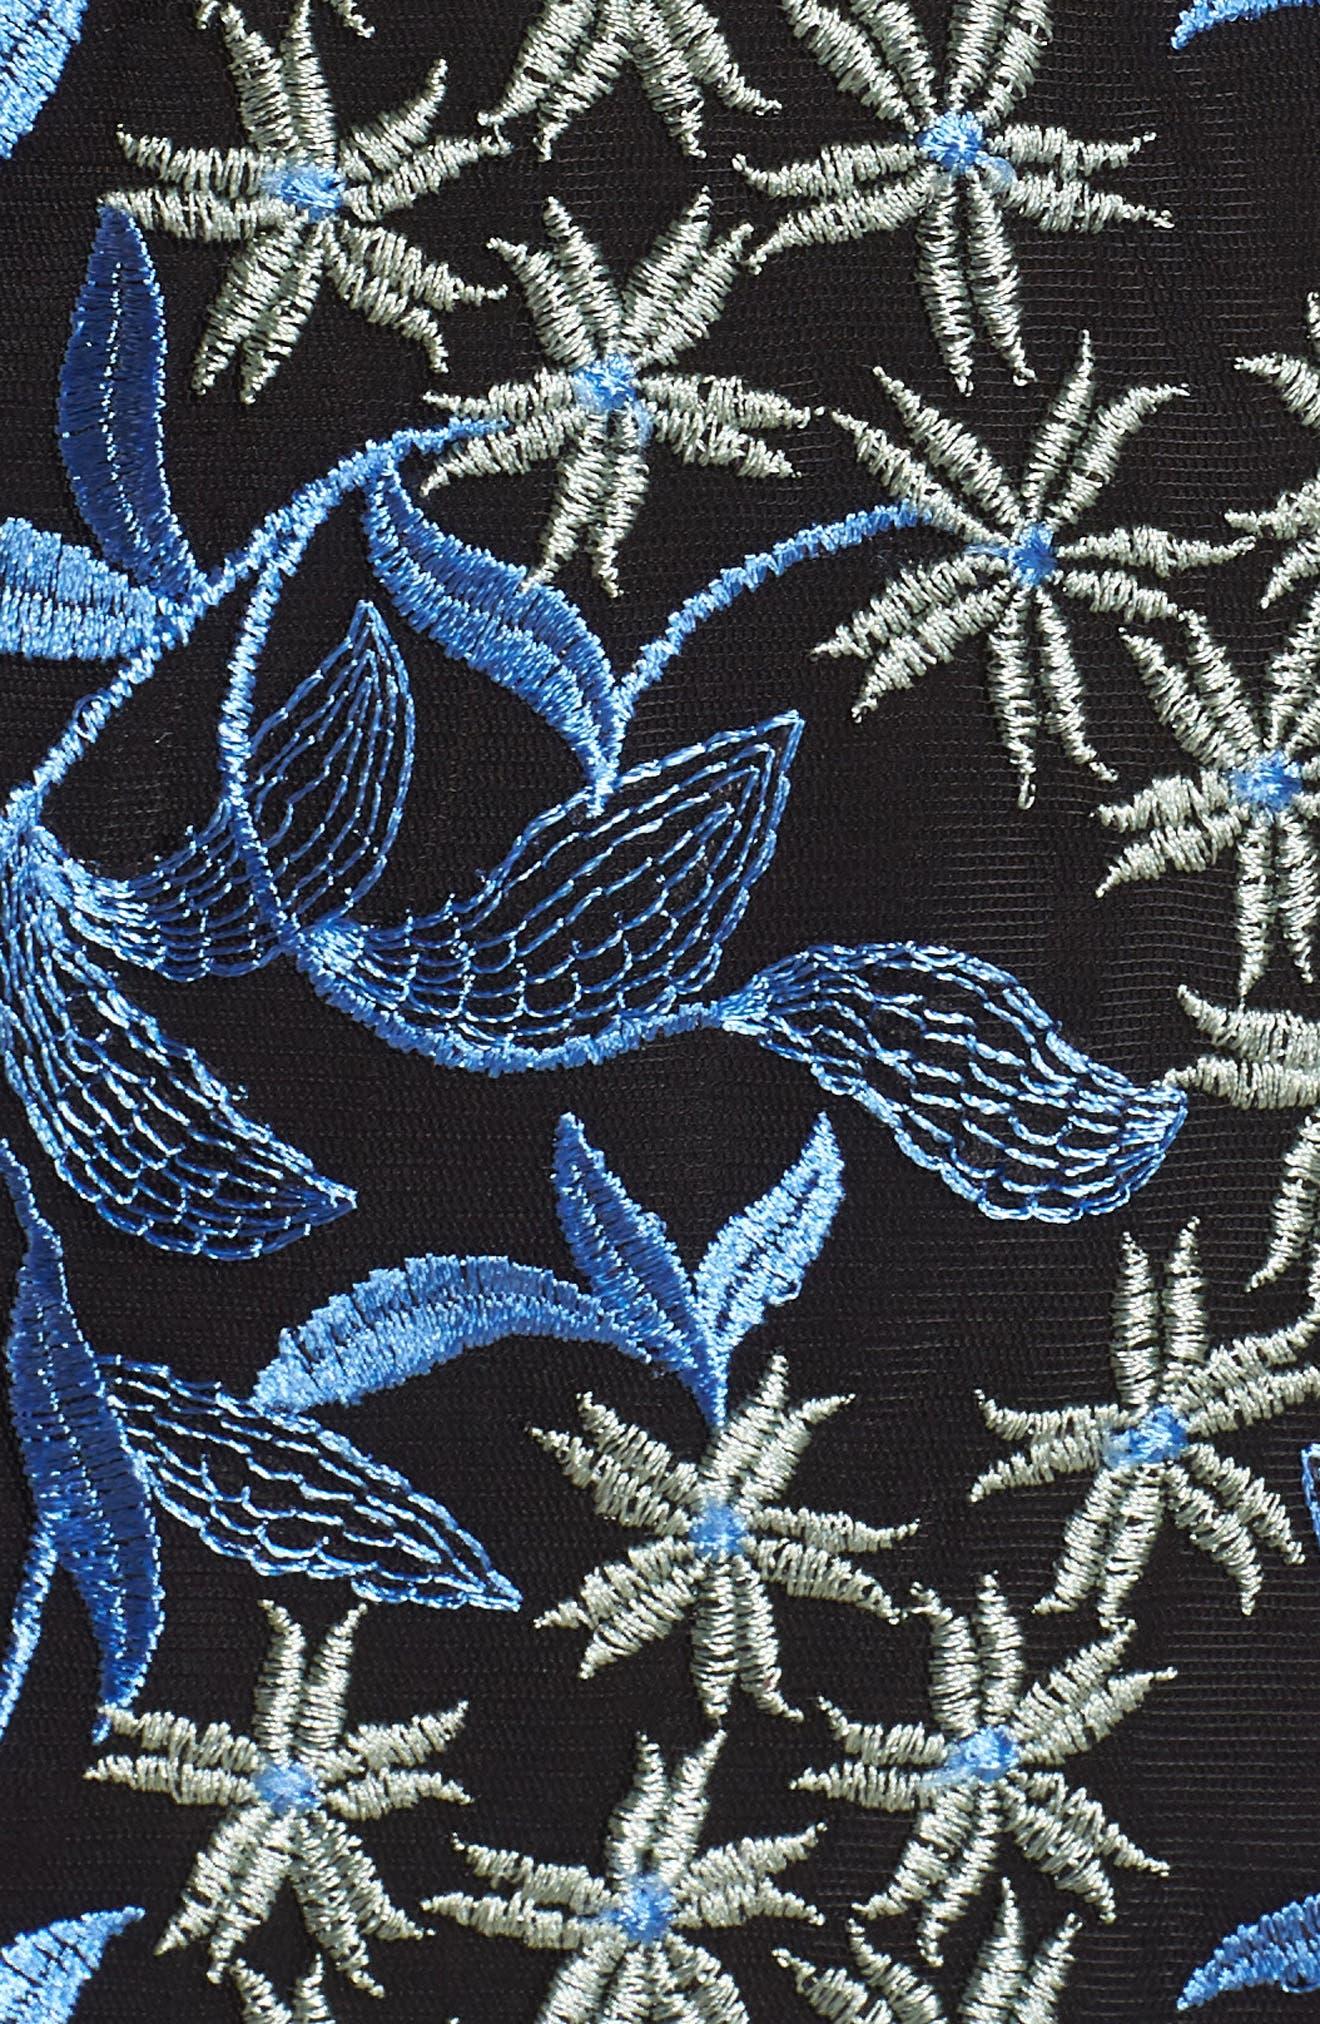 Floral Embroidered Cold Shoulder Dress,                             Alternate thumbnail 6, color,                             Blue/ Green